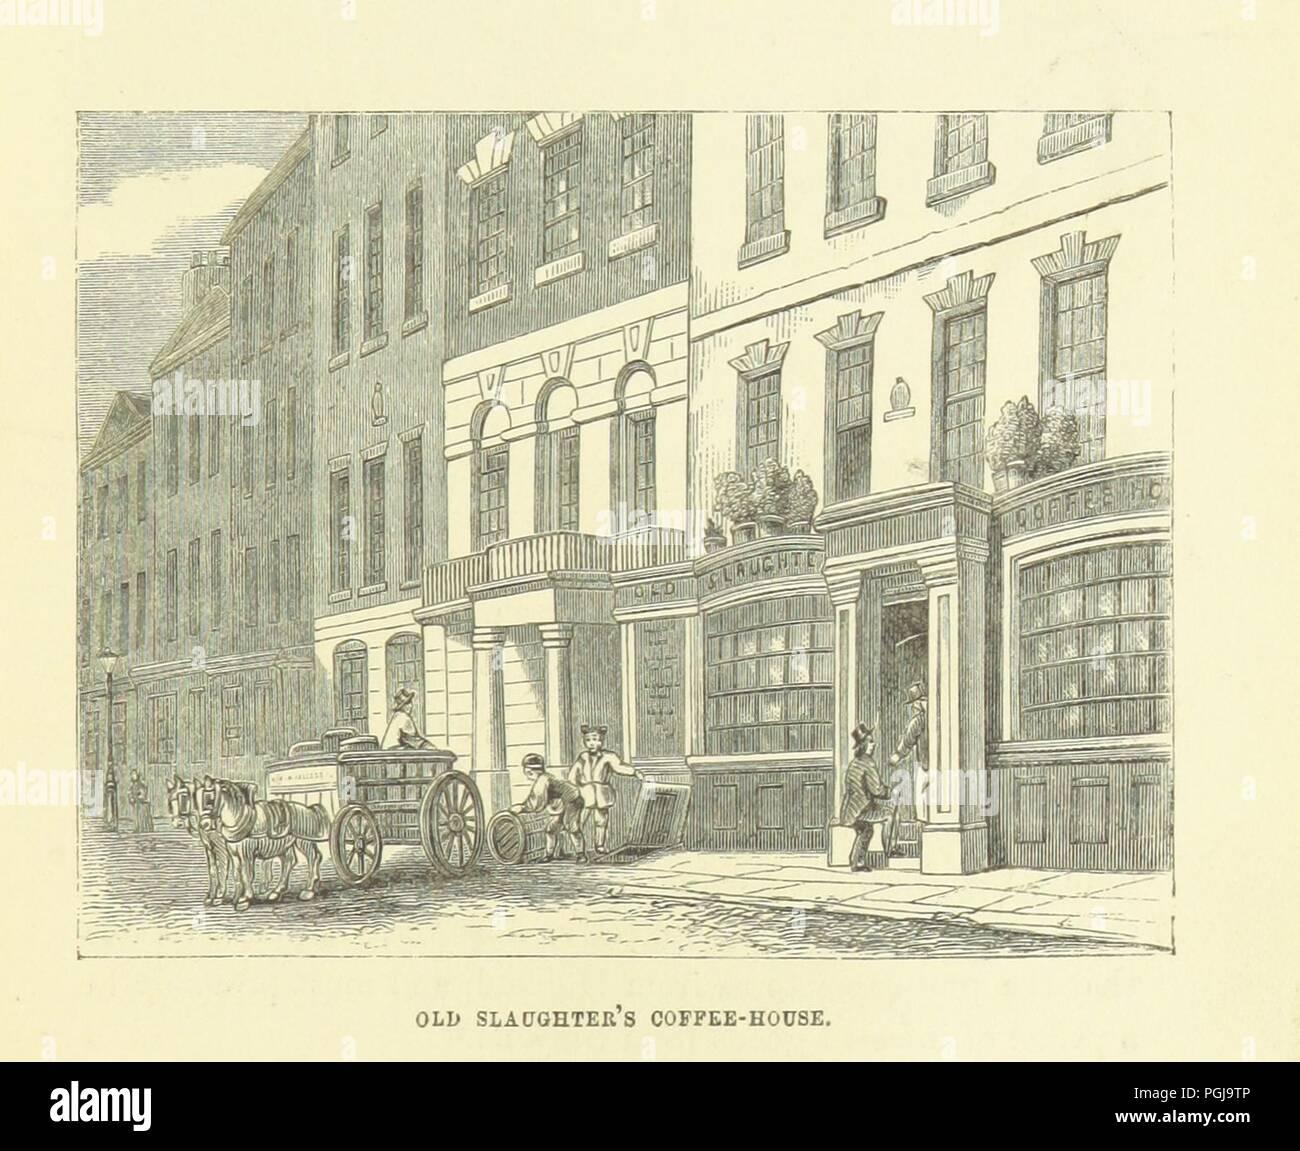 """Imagen de la página 301 de """"Haunted Londres ... Ilustrado por F. W. Fairholt' . Imagen De Stock"""